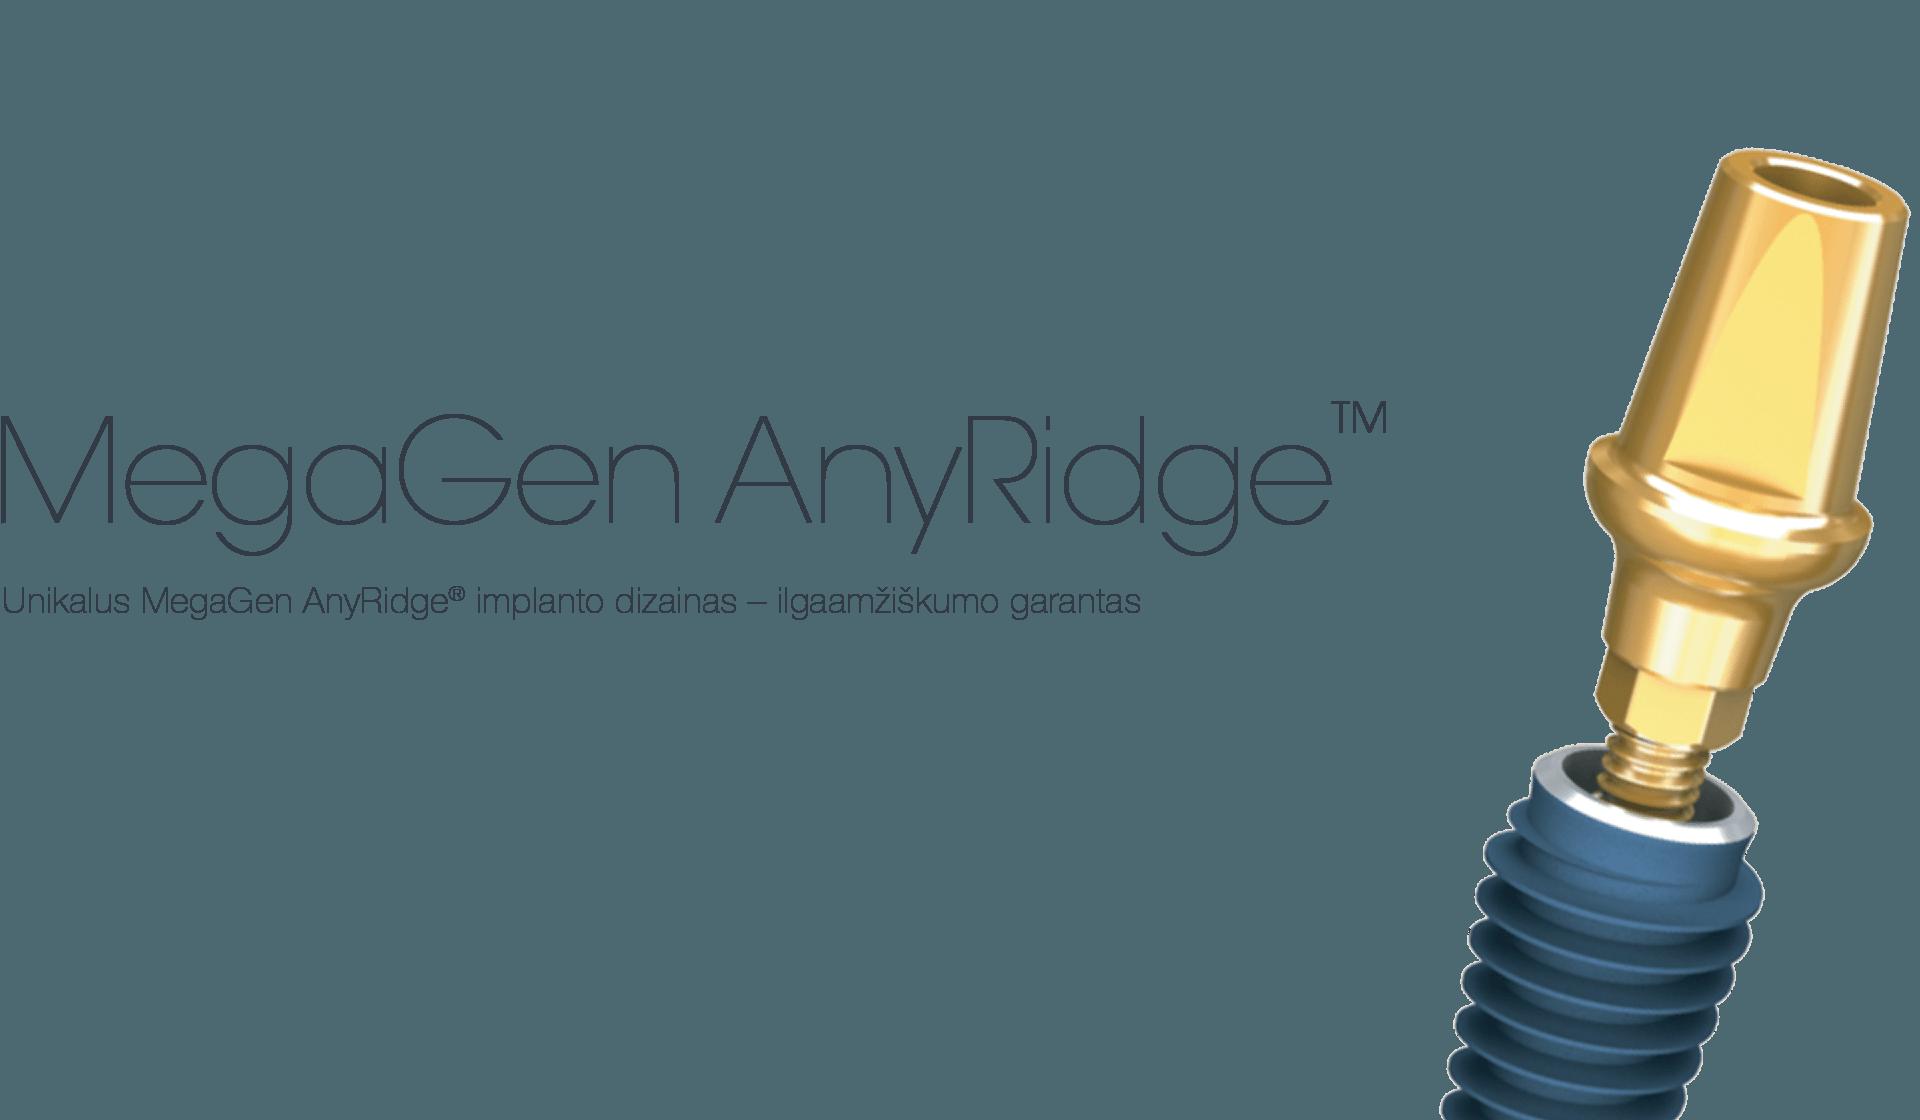 MegaGen AnyRidge implantai